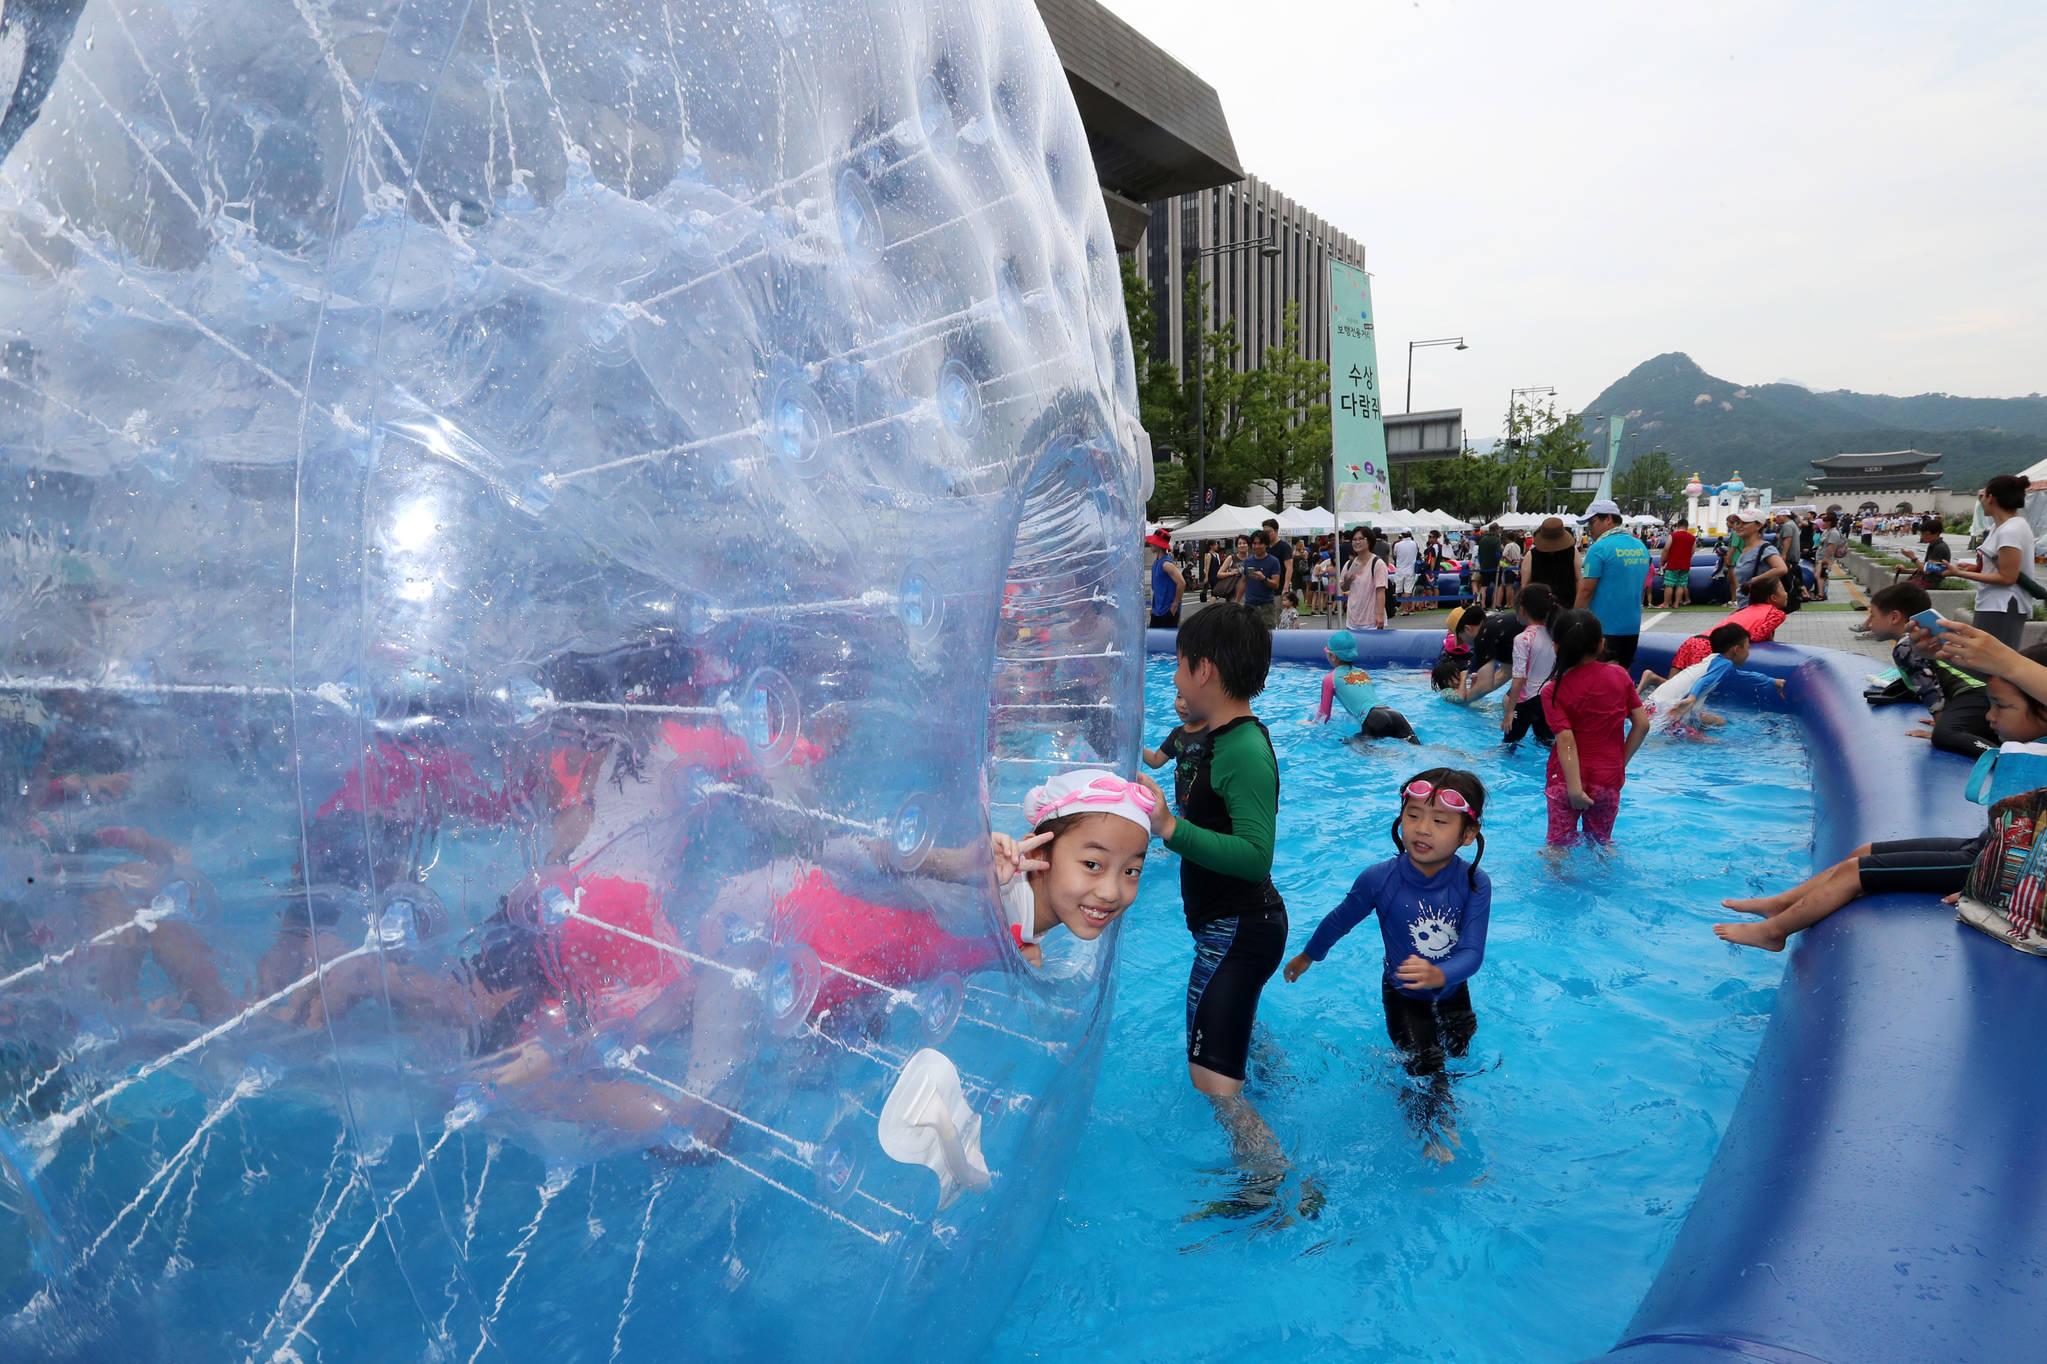 6일 서울 종로구 세종대로에서 열린 물놀이 페스티벌에 마련된 다람쥐통을 타며 어린이들이 물놀이를 즐기고 있다.조문규 기자